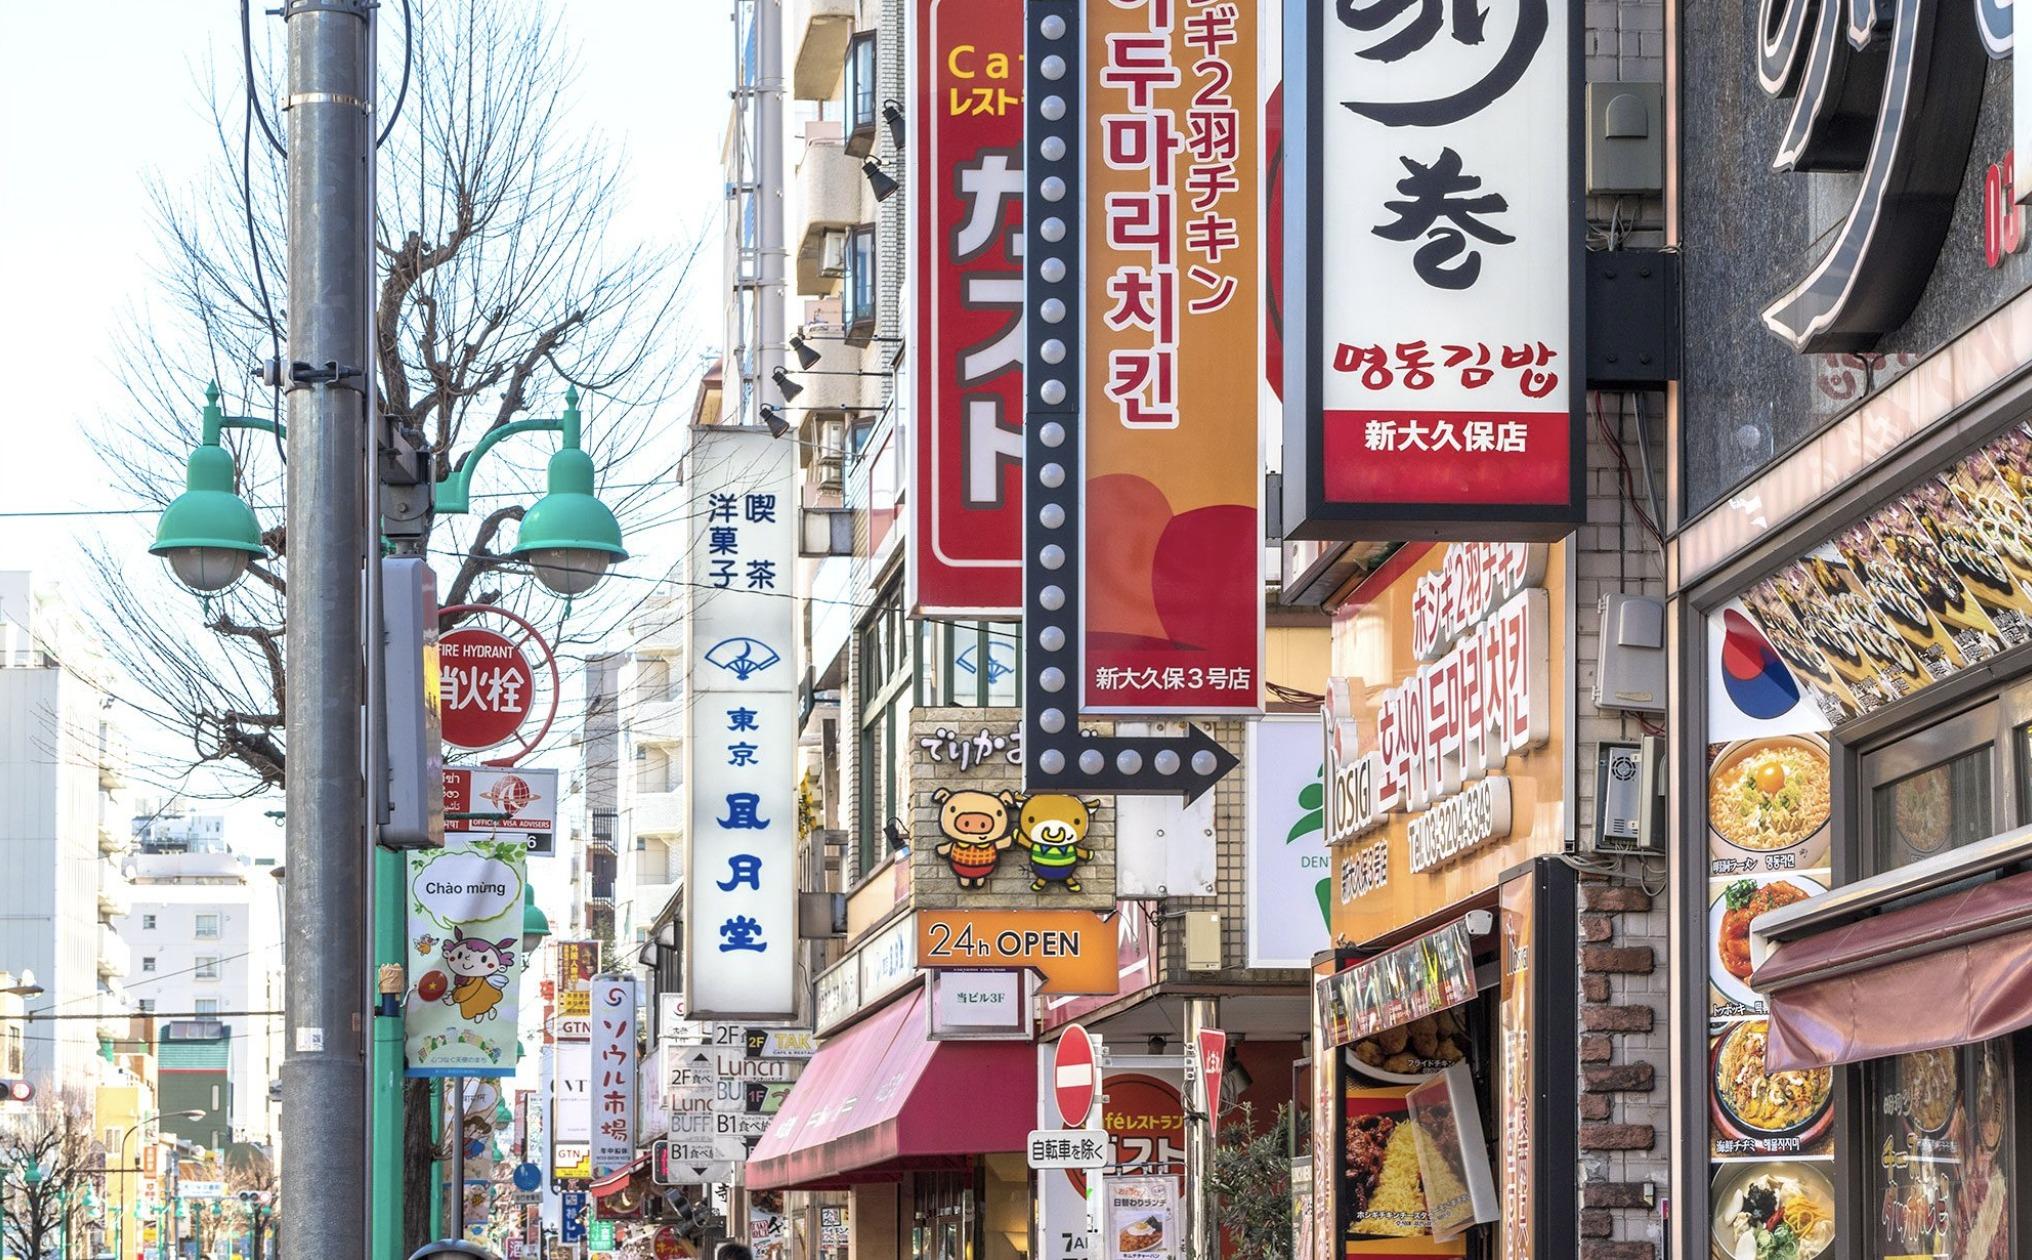 日本にあるコリアンタウン